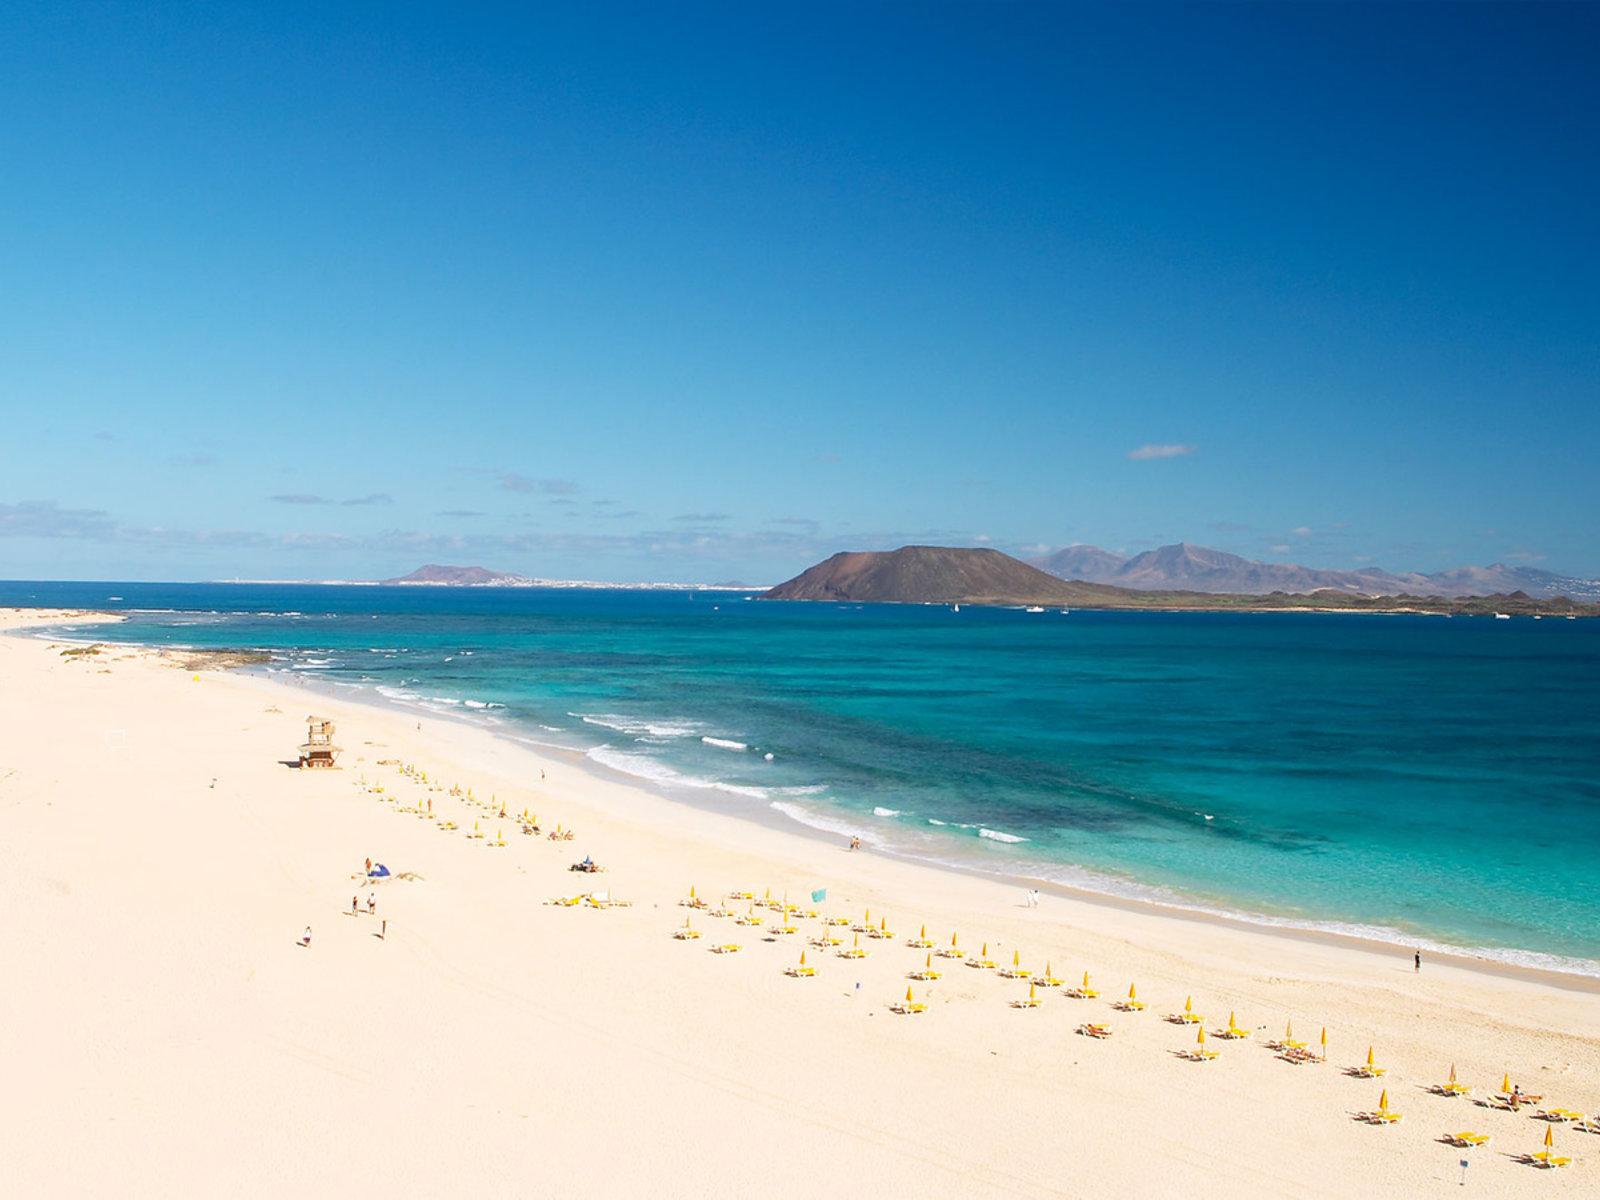 Playa - public beach